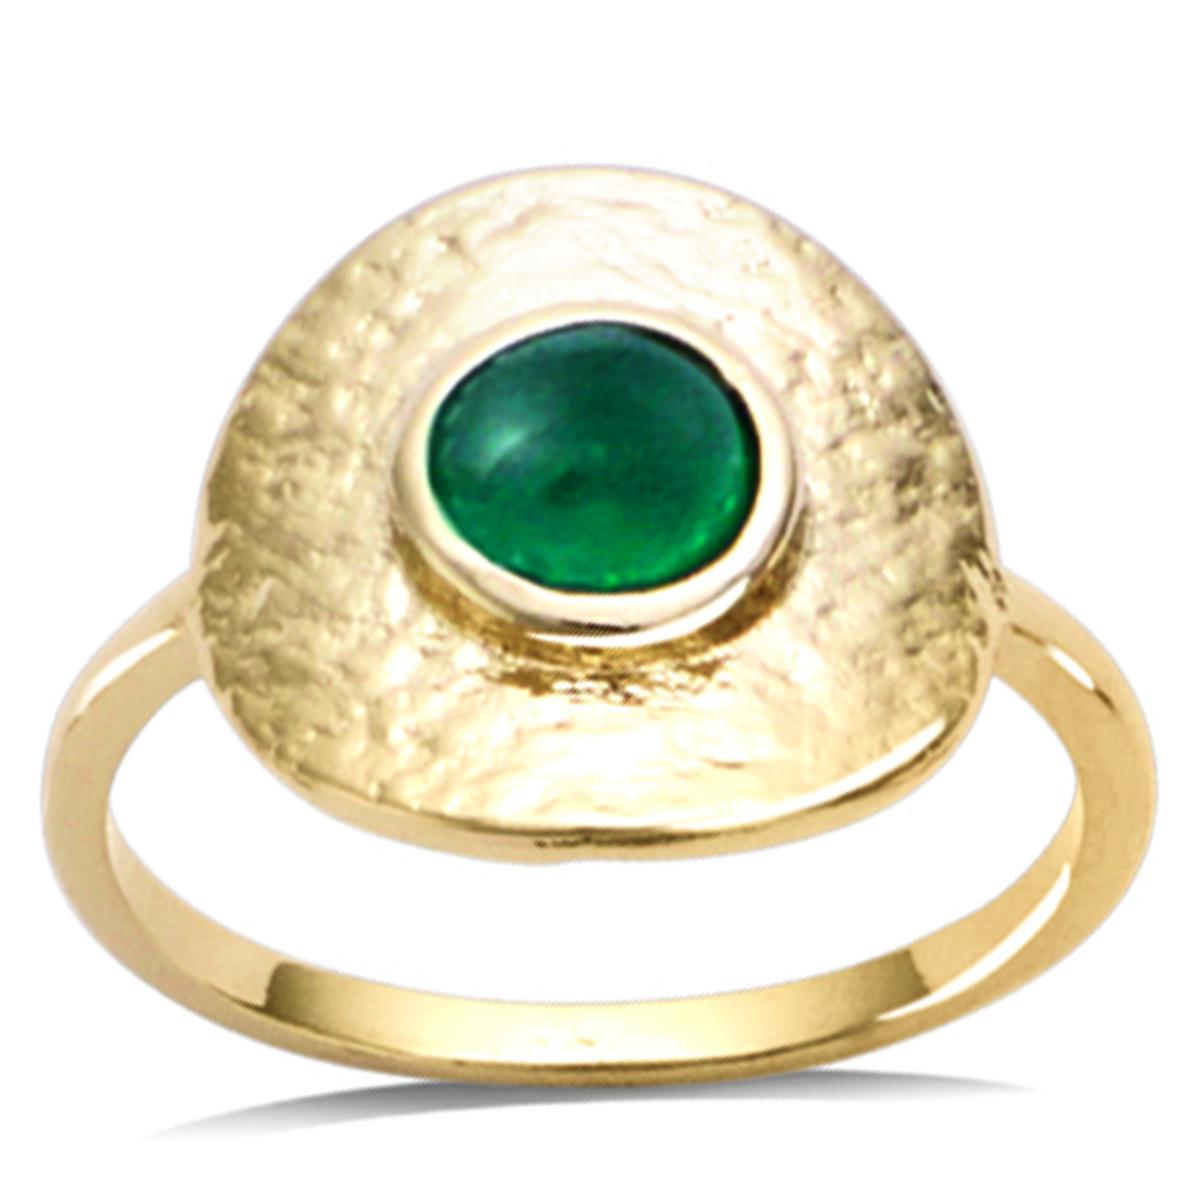 Bague Plaqué Or \'Cleopatra\' vert doré - 15 mm - [R2573]